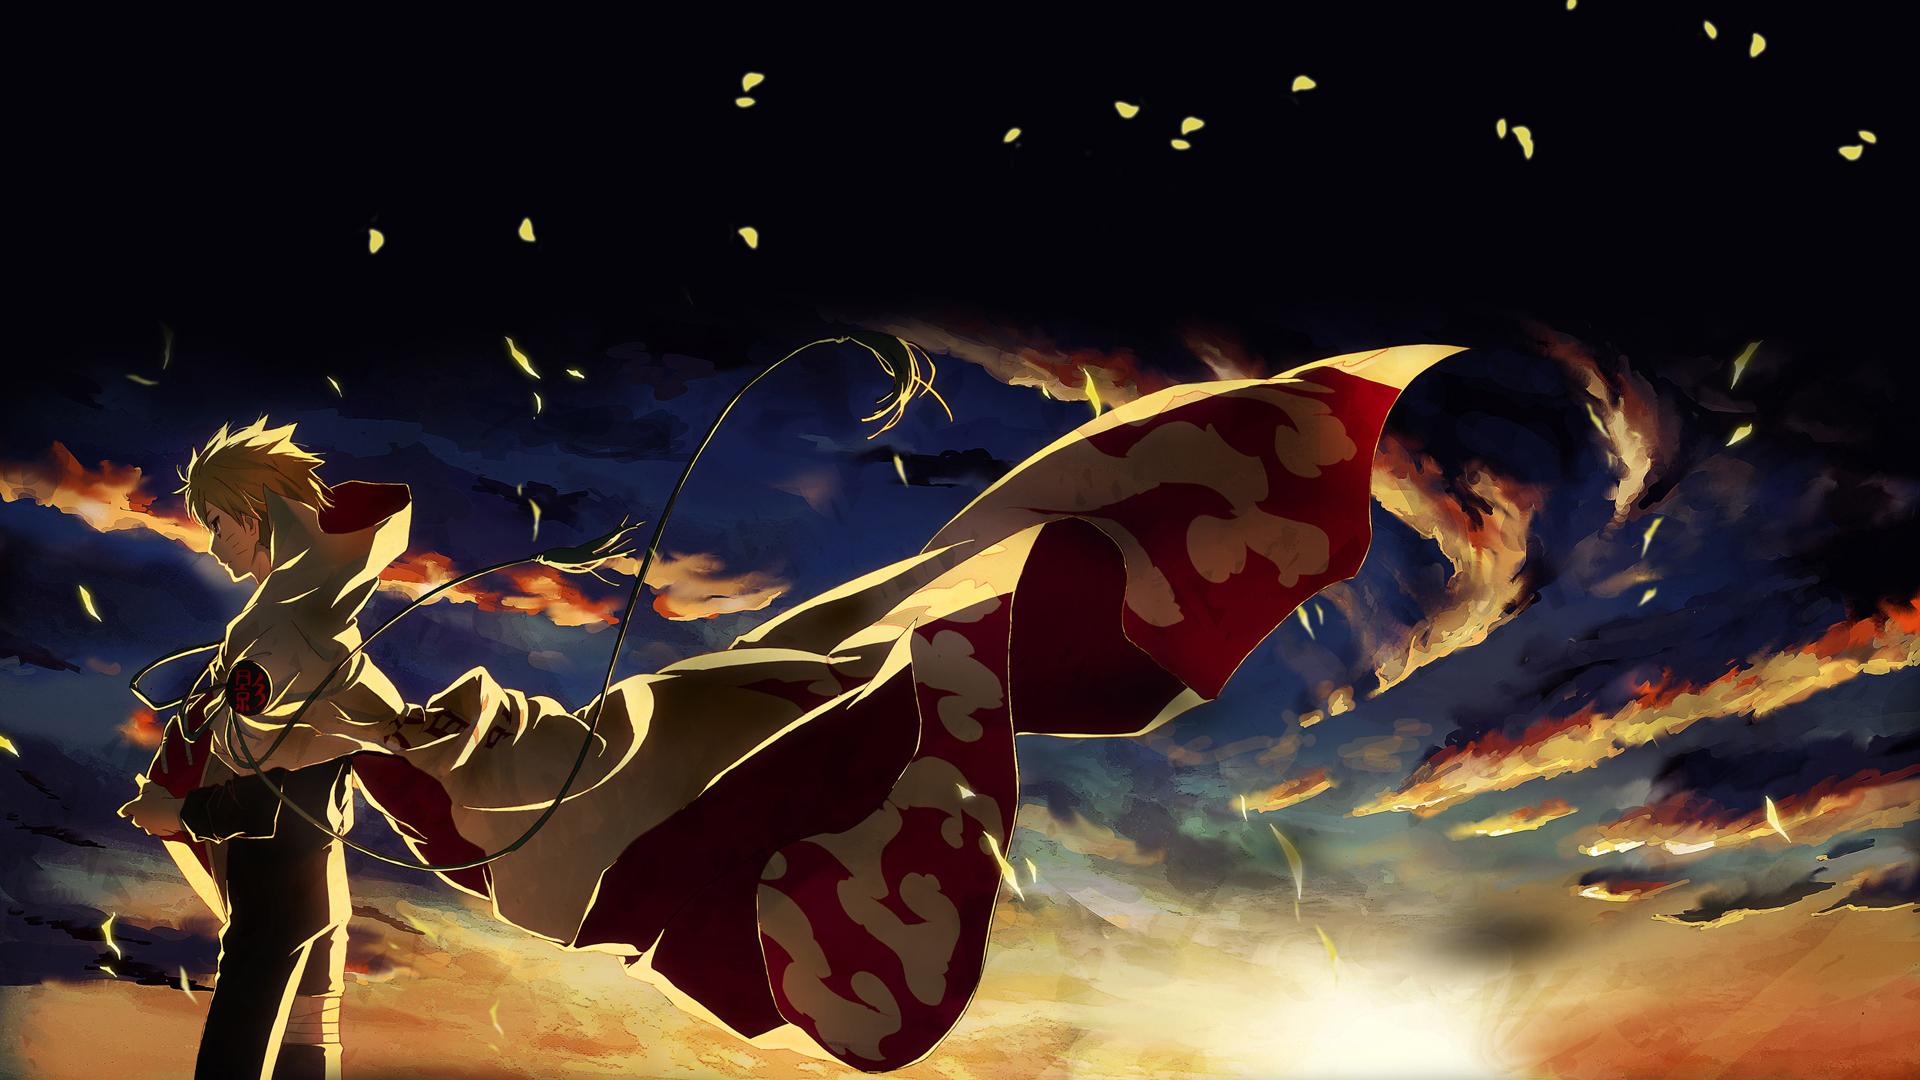 HD Wallpapers 1080P Anime Naruto